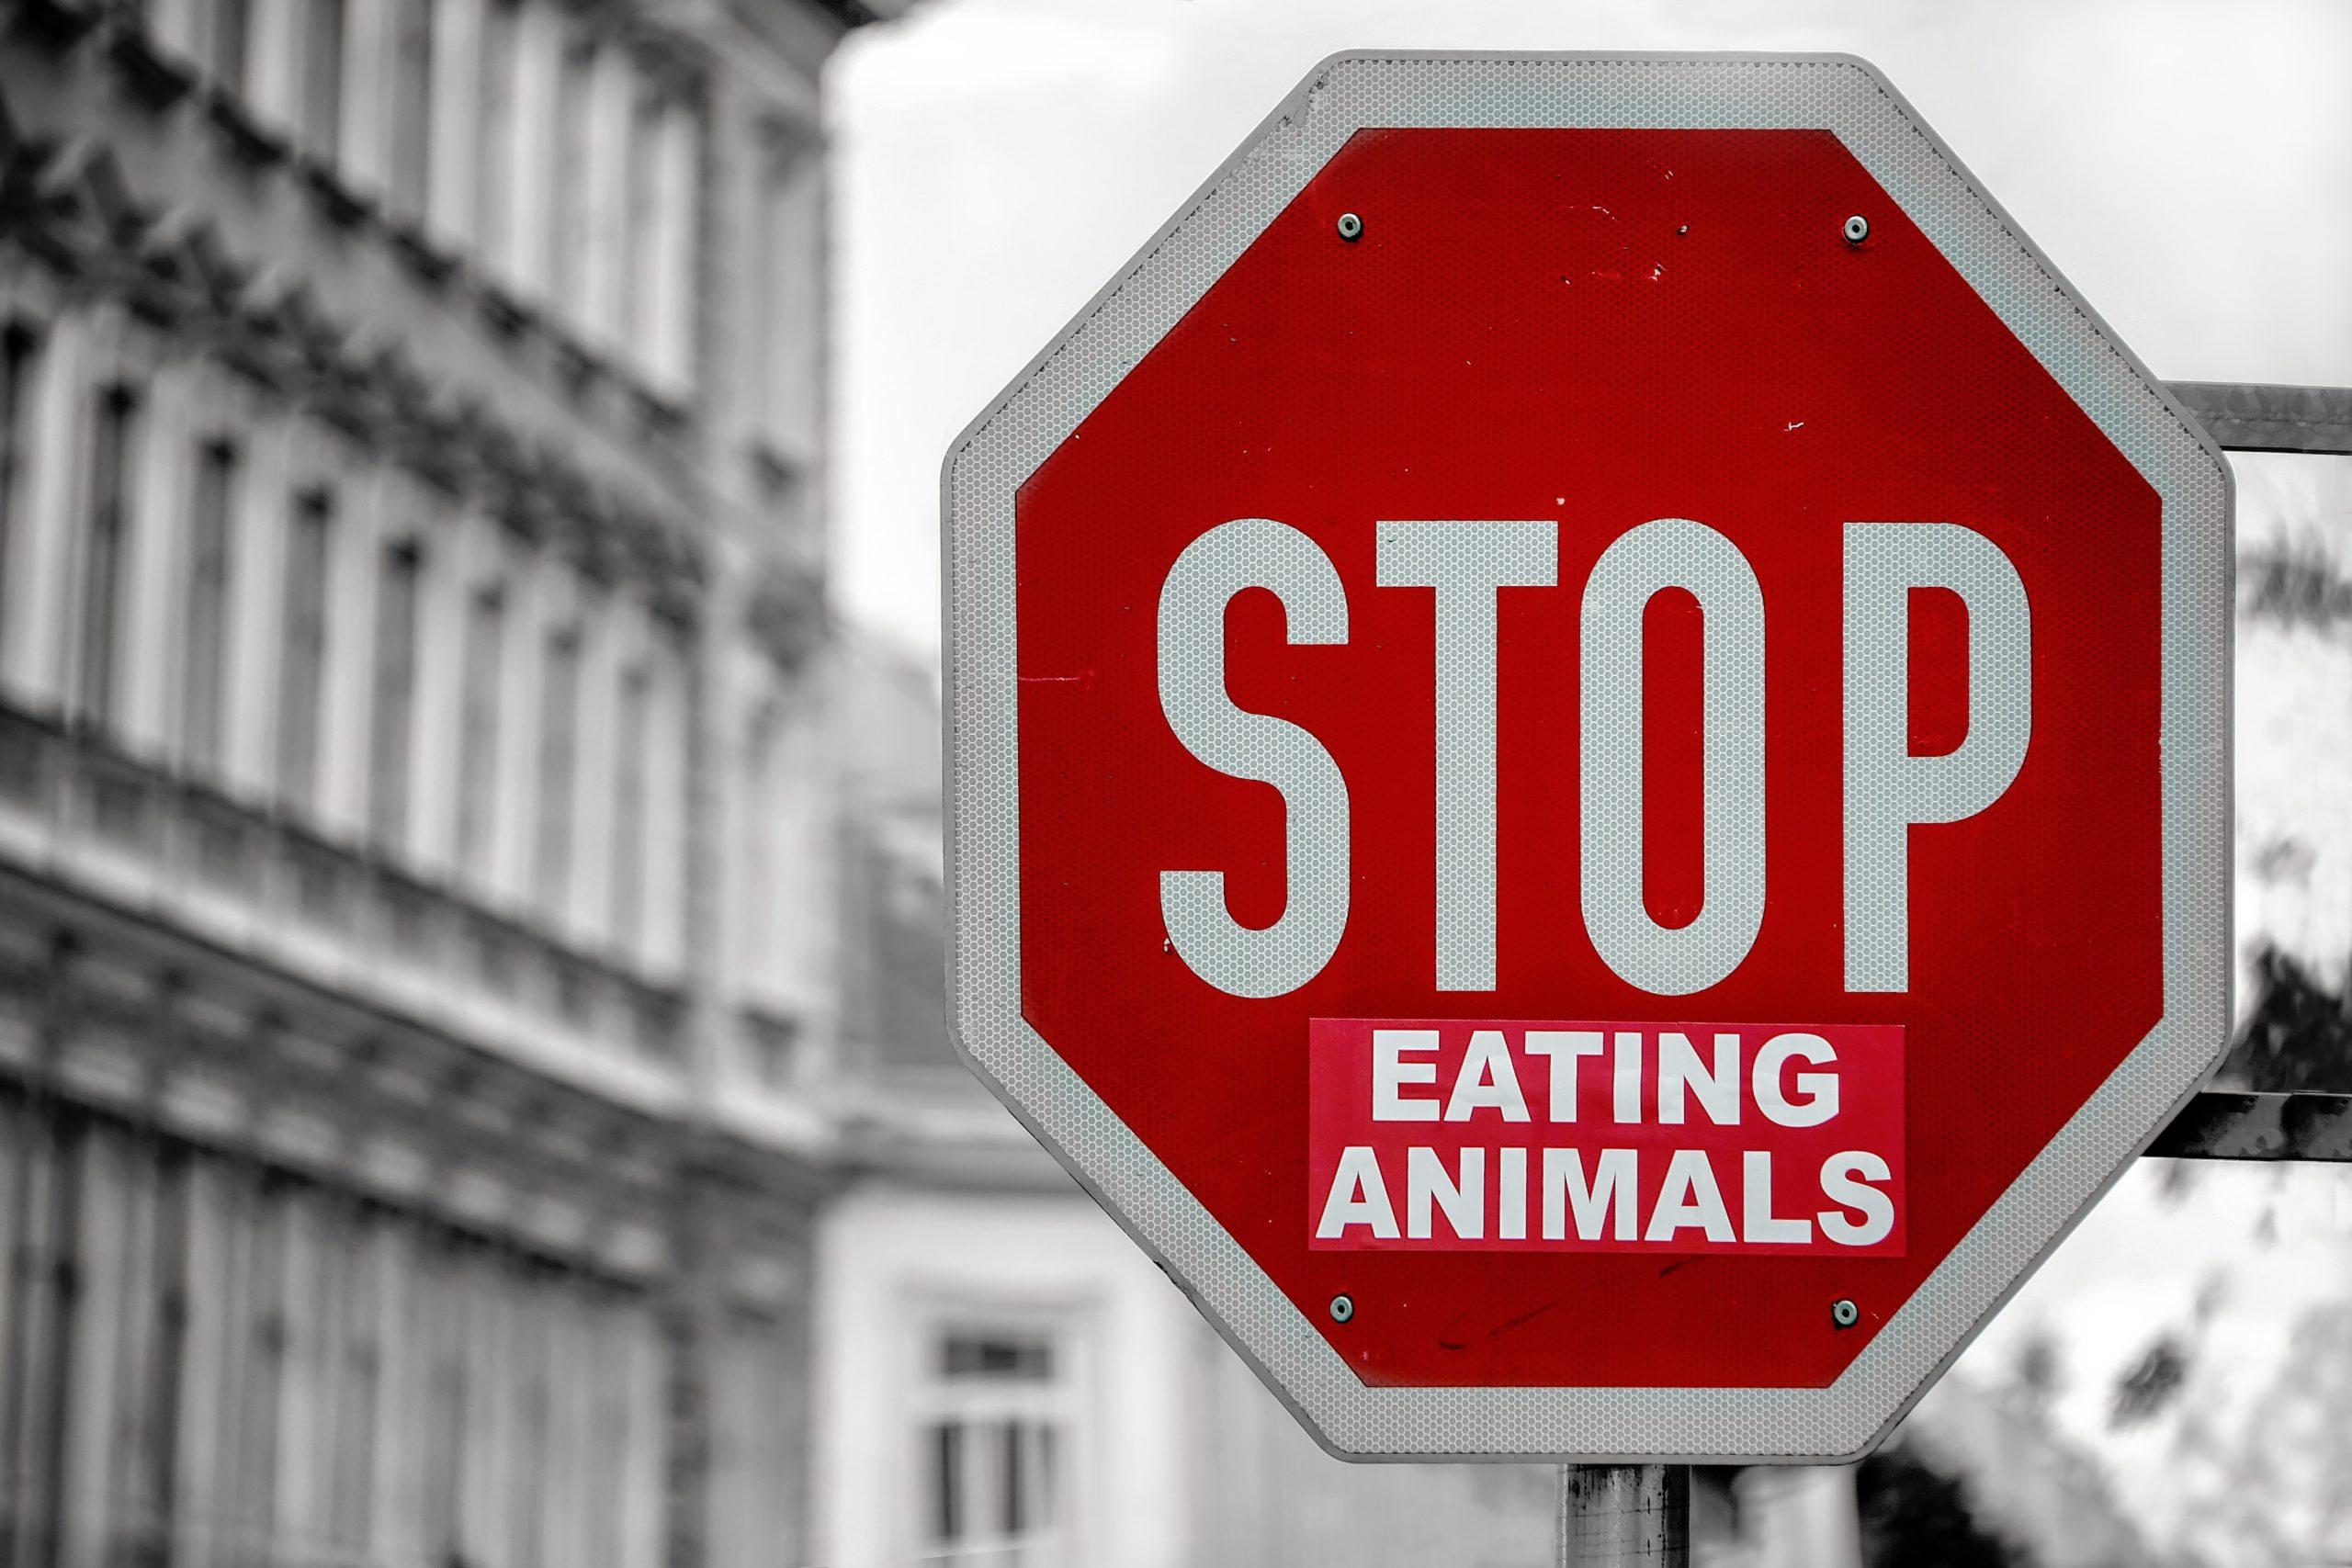 ヴィーガンになる背景 動物を食べるのをやめよう